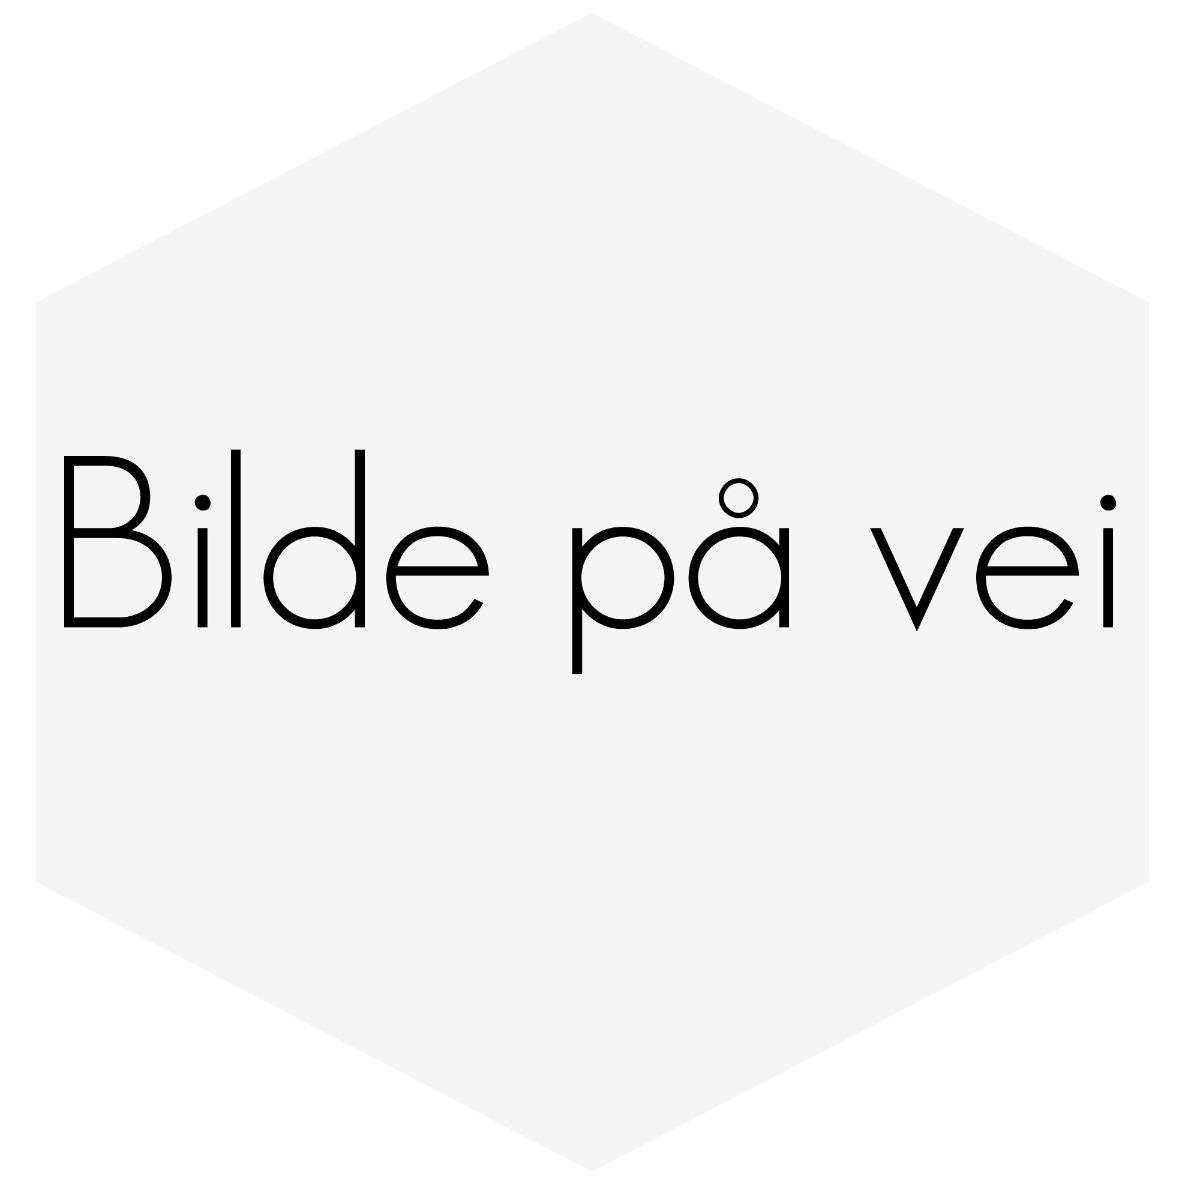 STØTDEMPER FORAN S60 01>, V70N 00>, S80 01> pris stk